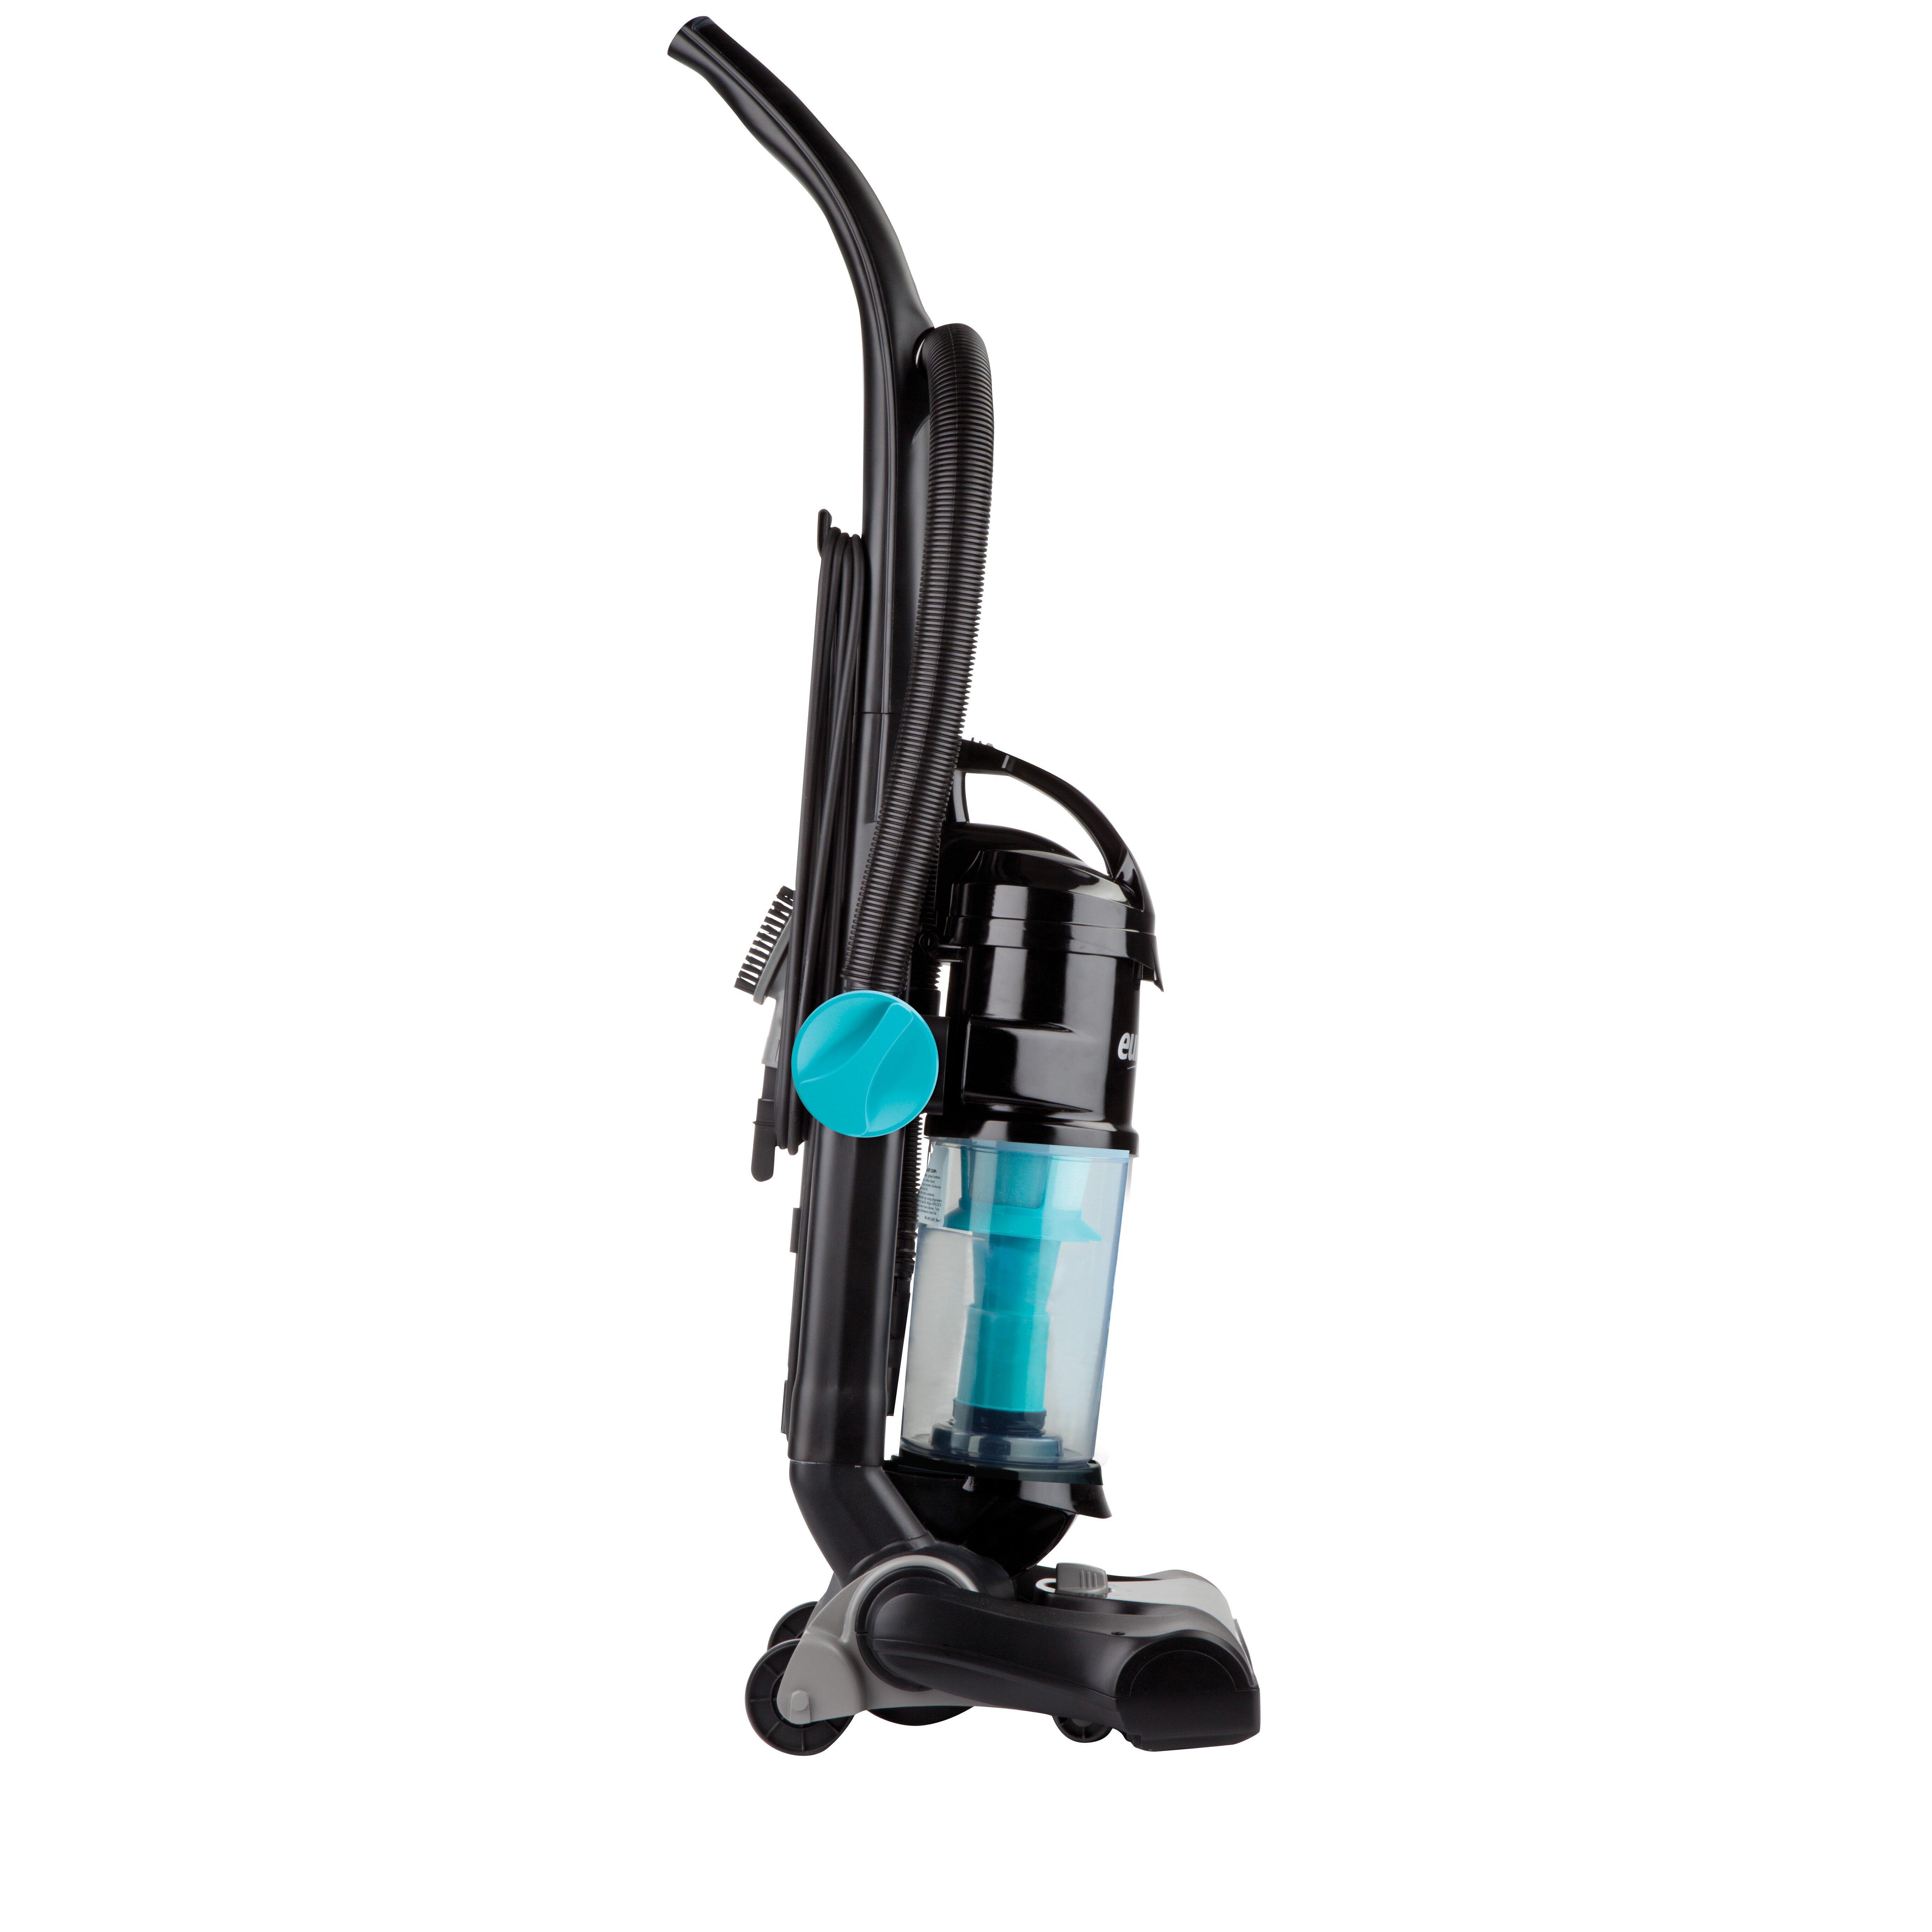 Images of Kmart Eureka Vacuum